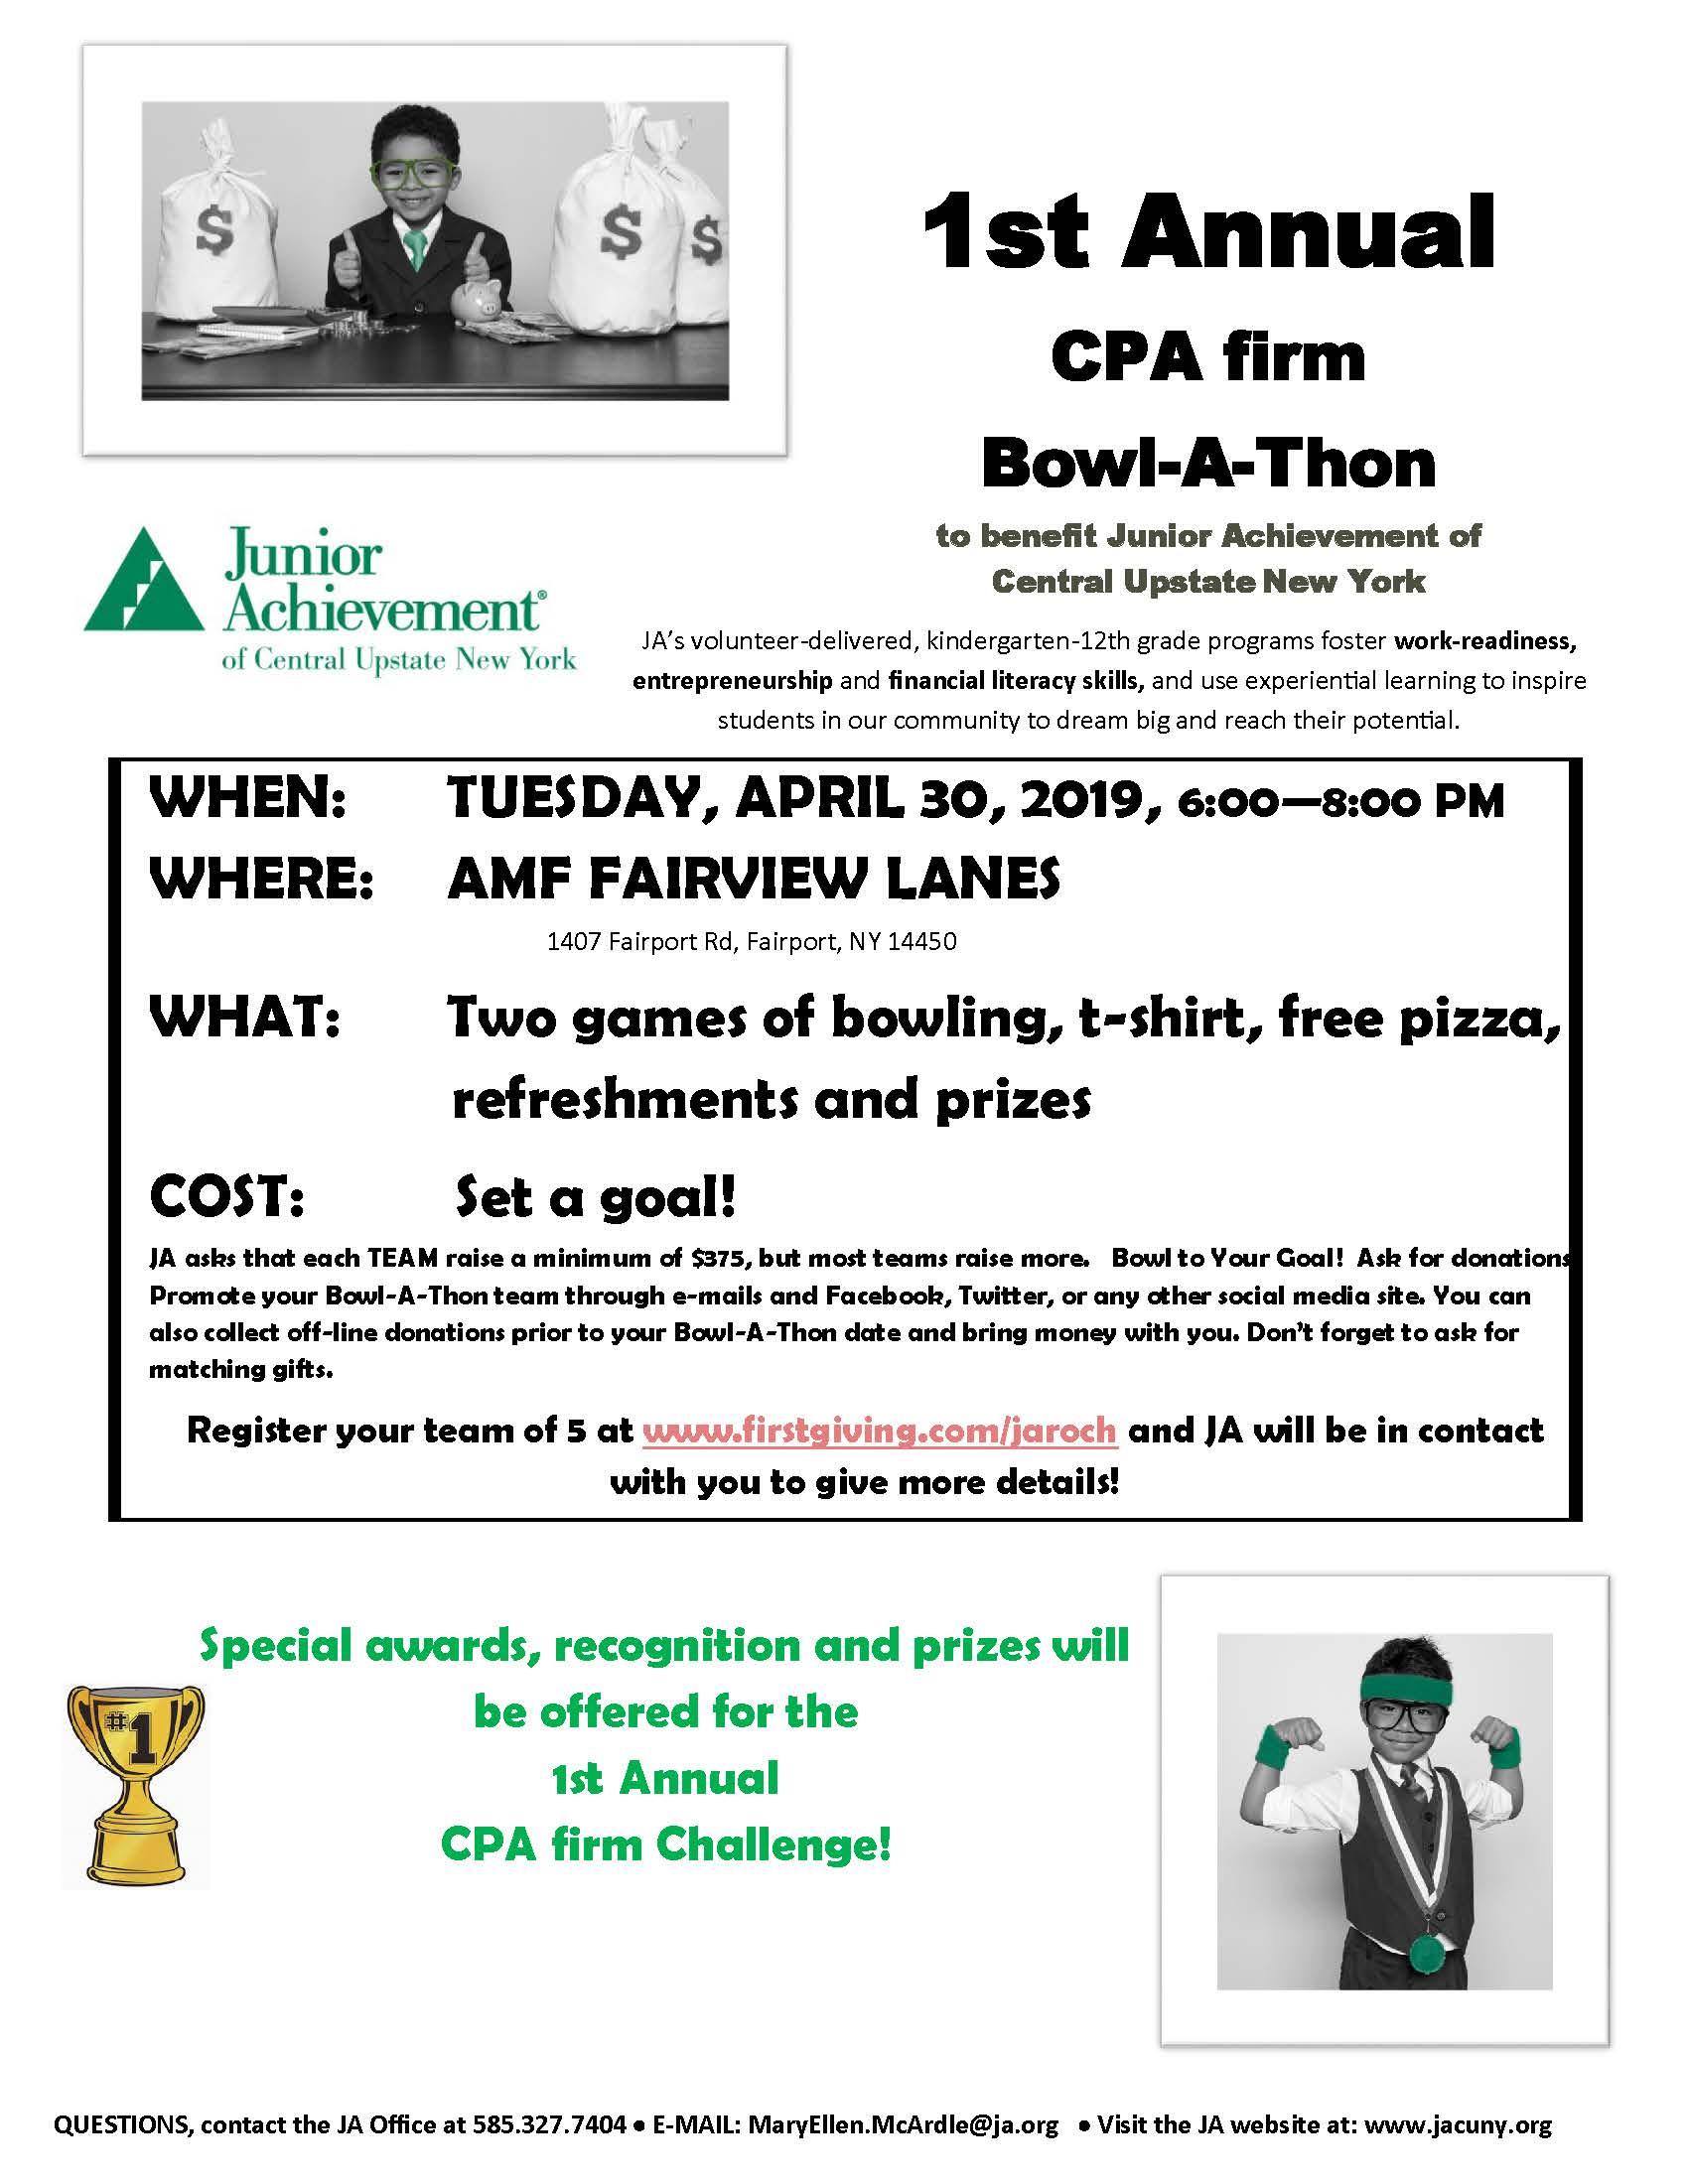 1st Annual CPA Bowl-A-Thon